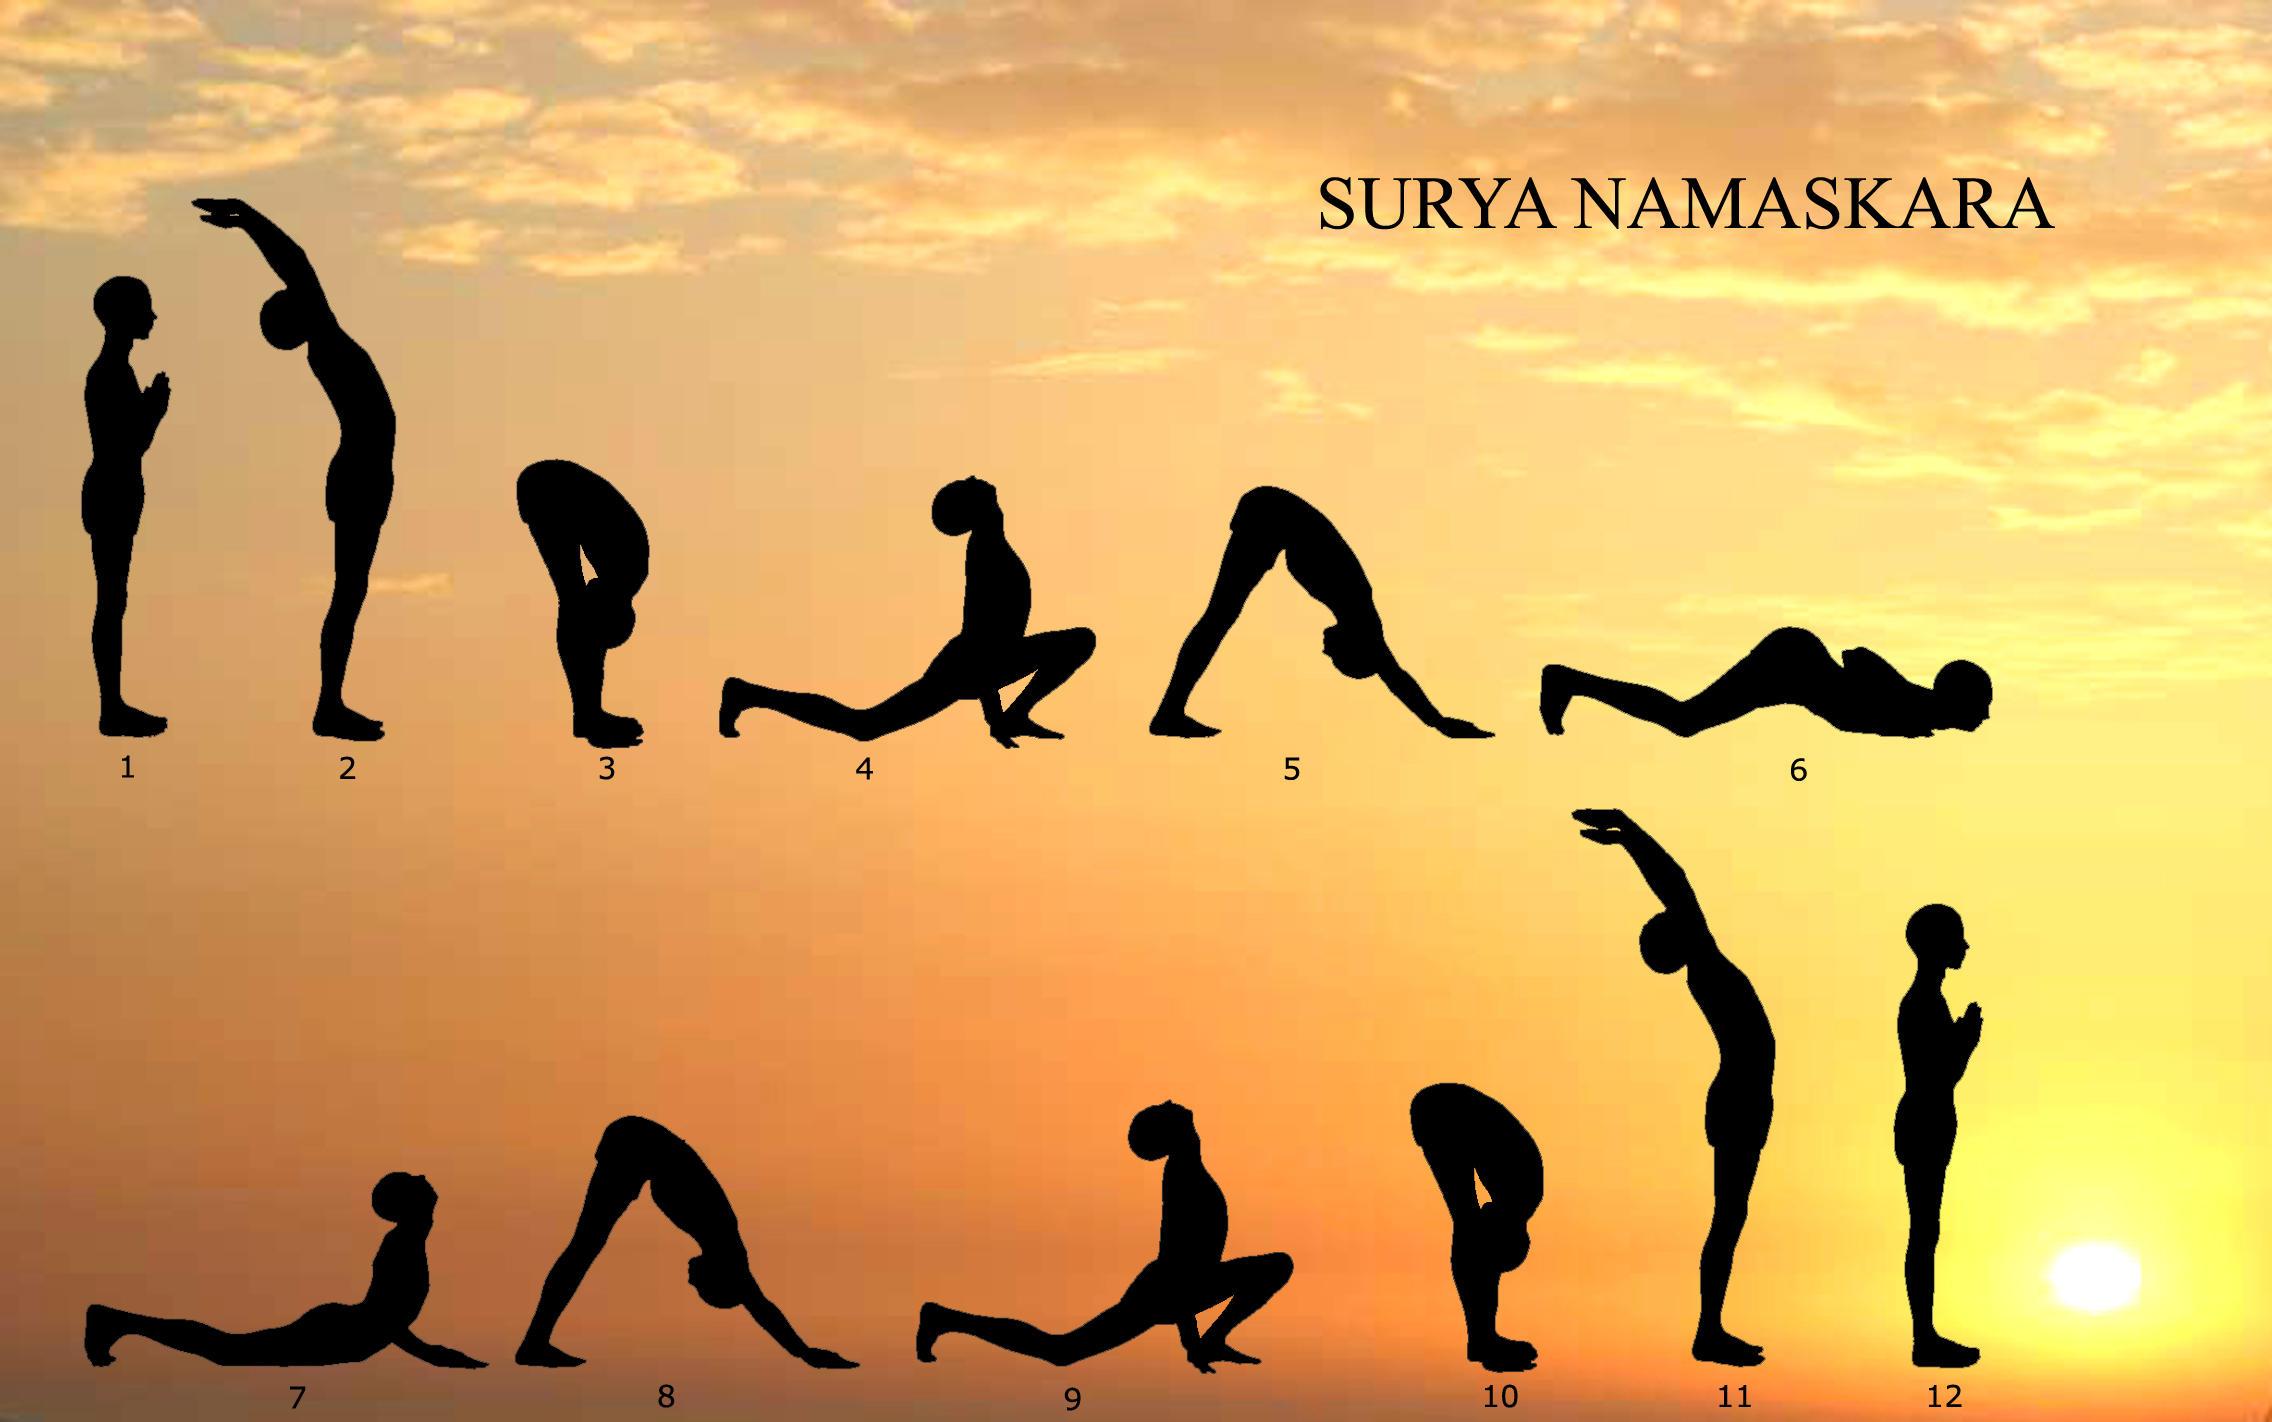 surya namaskar